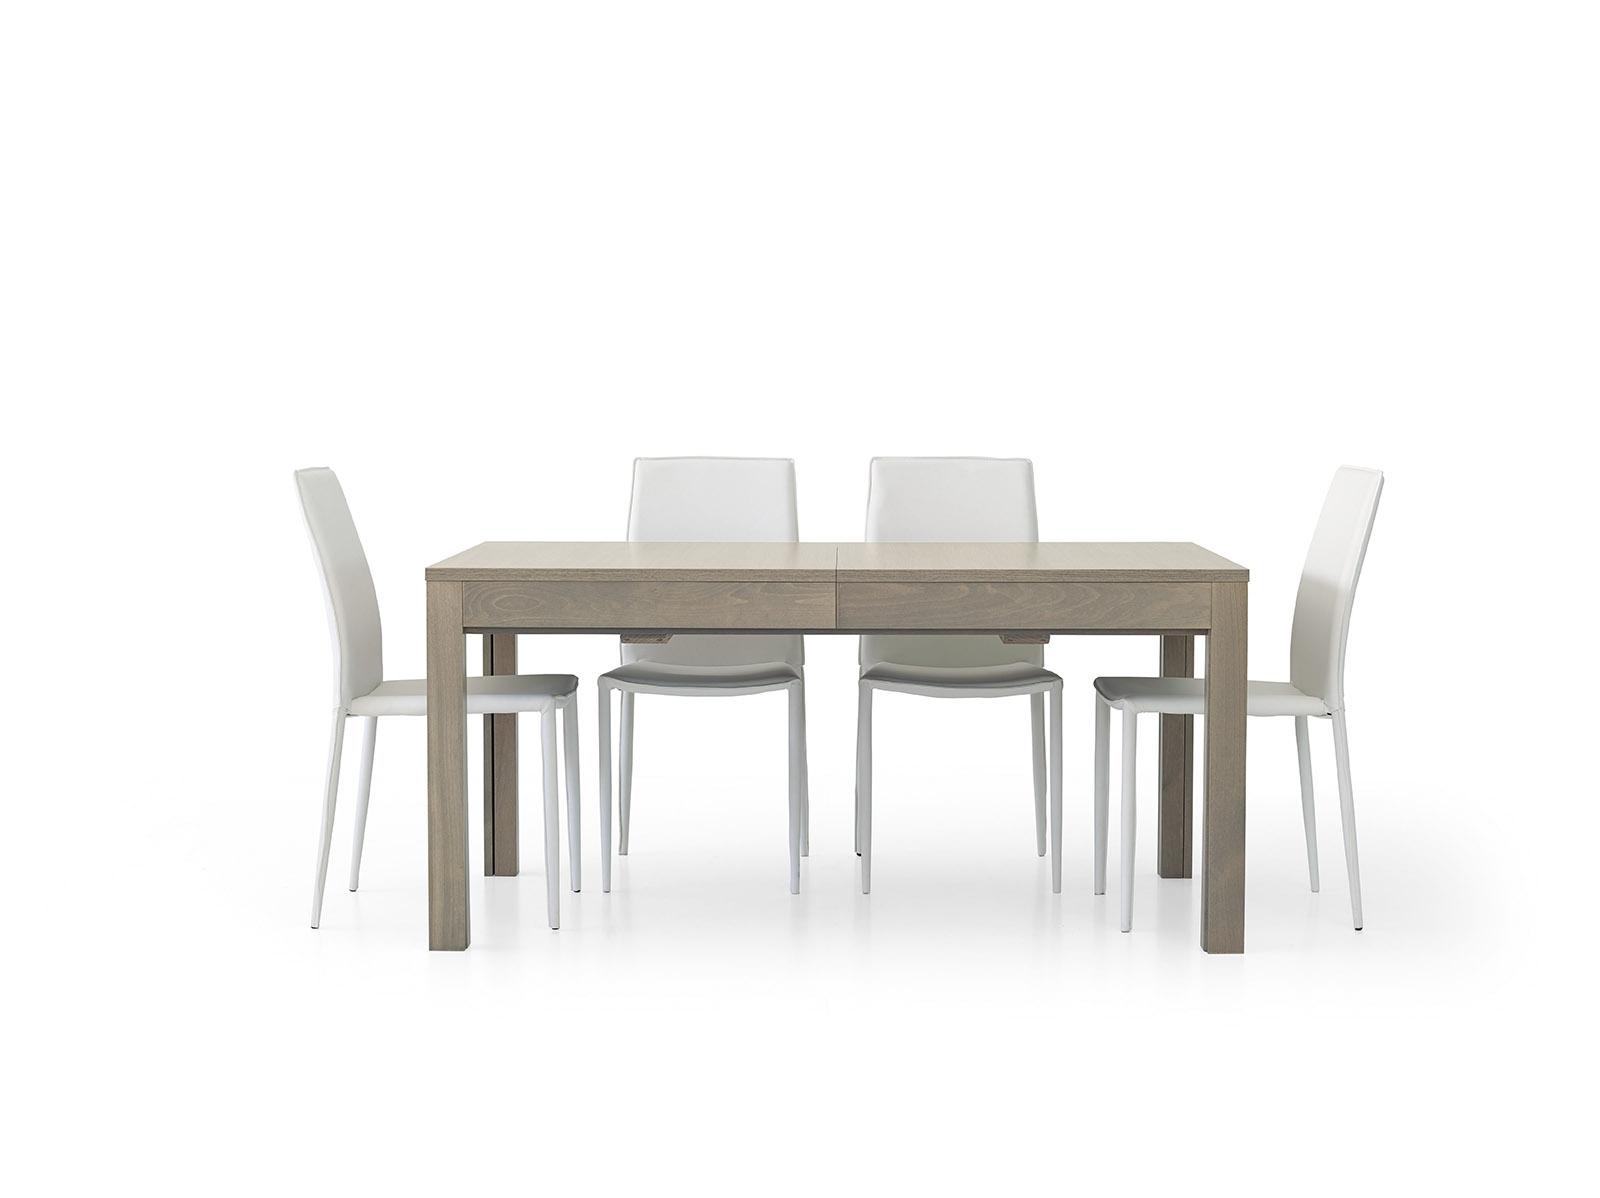 Tavolo Rovere grigio Rettangolari Allungabili Legno - Tavoli a prezzi scontati